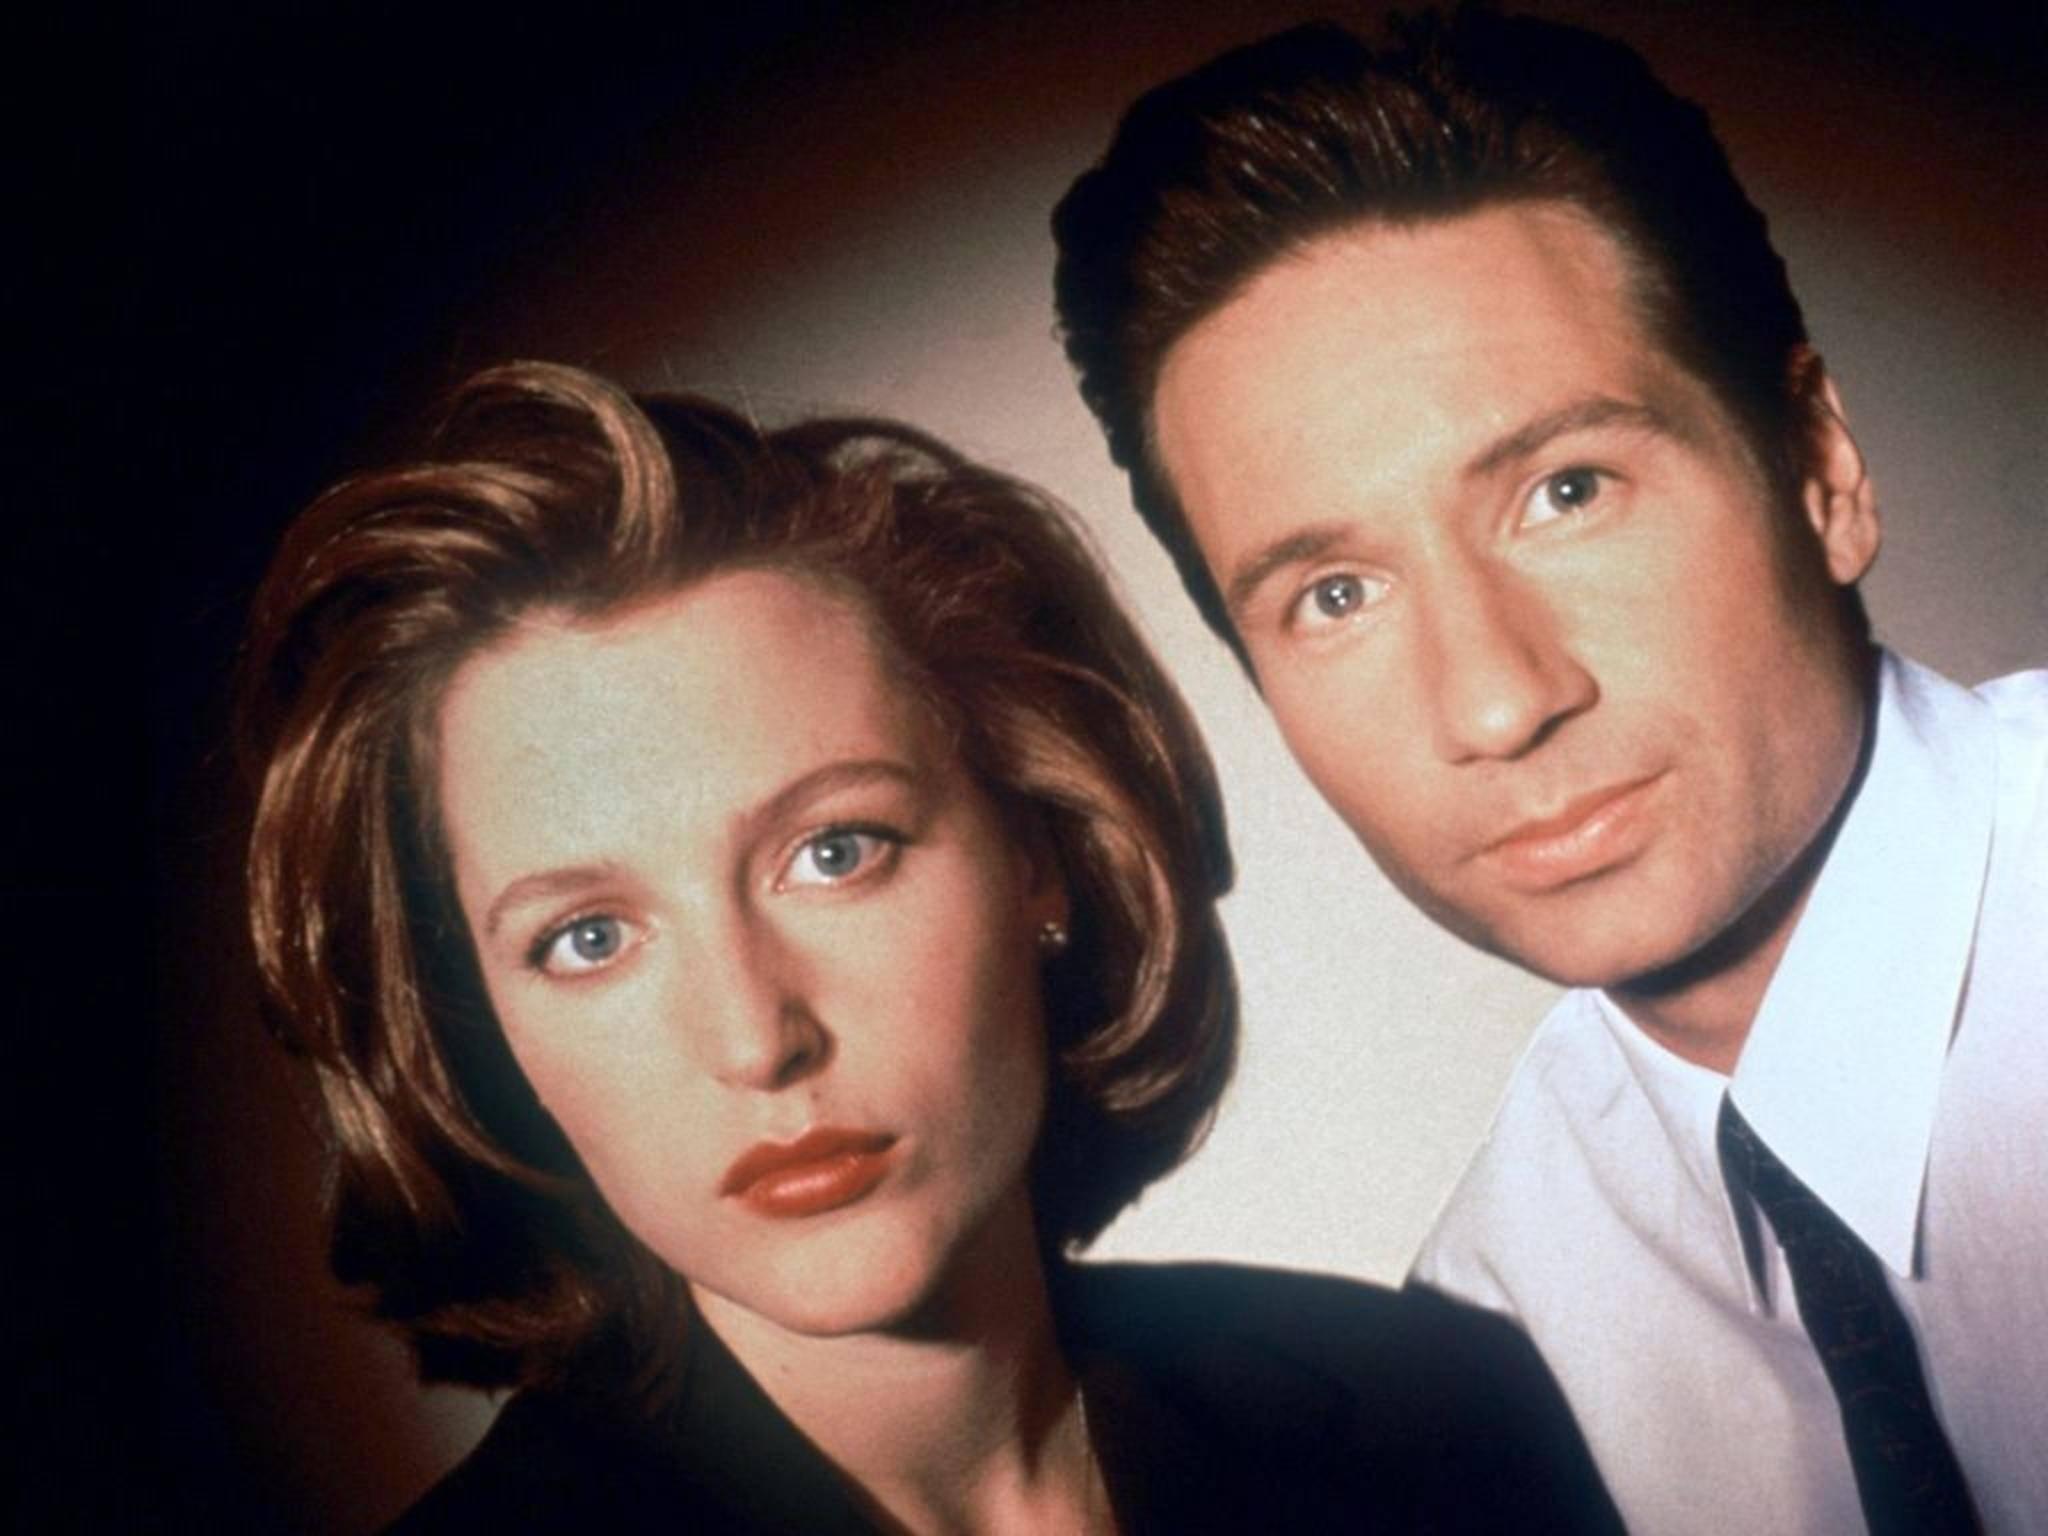 Sie ist die Skeptikerin, er der UFO-Anhänger: Scully und Mulder könnten bald wieder die X-Akten öffnen.